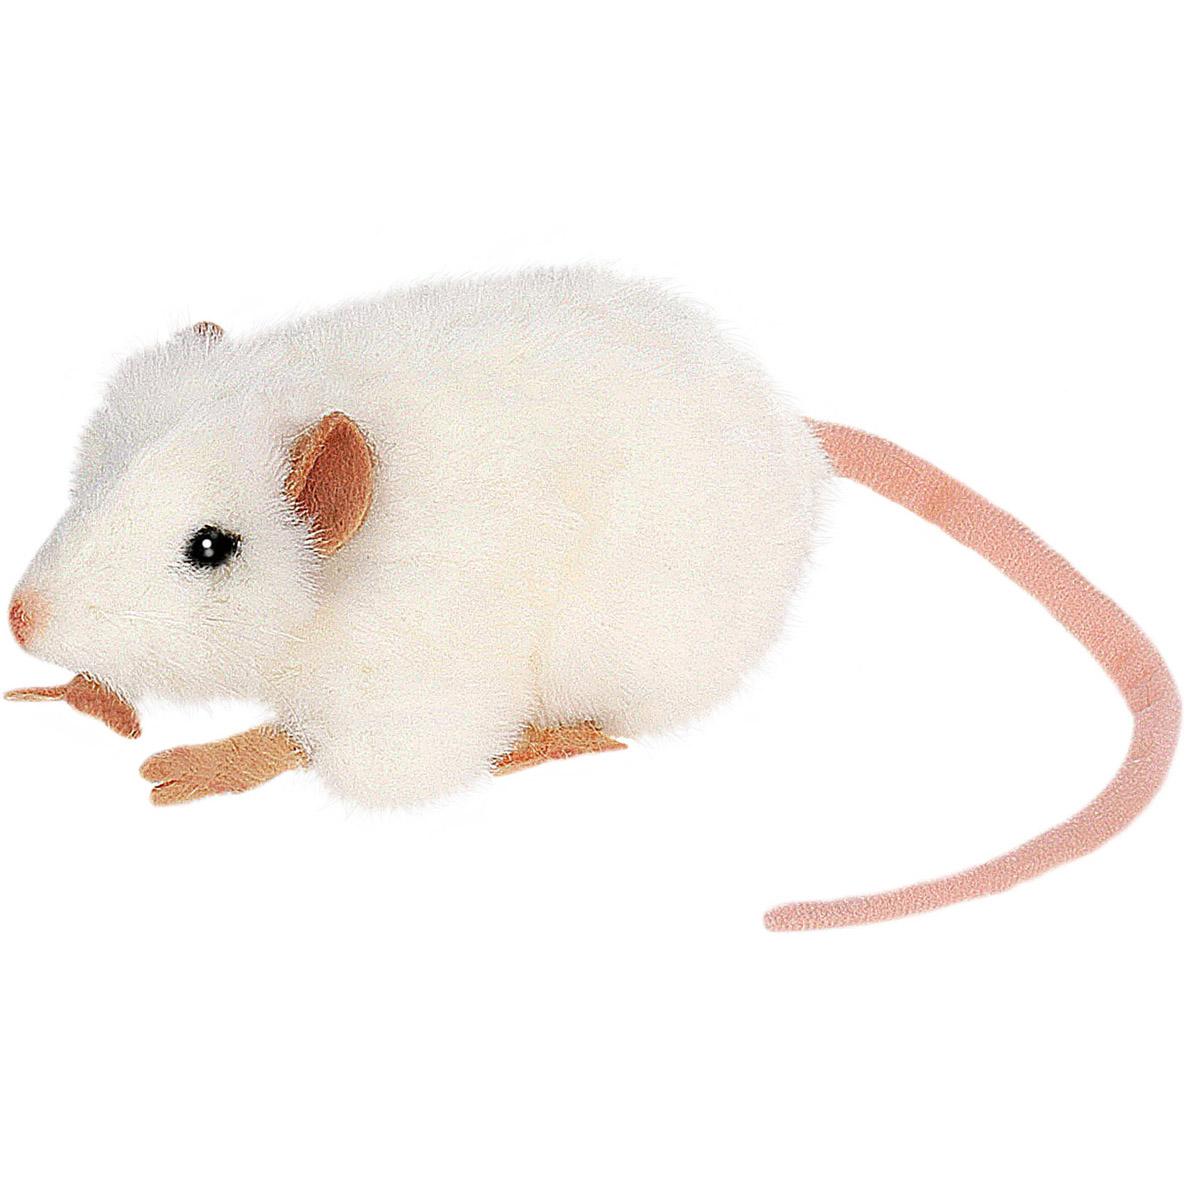 Мягкая игрушка - Крыса белая, 12 см.Животные<br>Мягкая игрушка - Крыса белая, 12 см.<br>